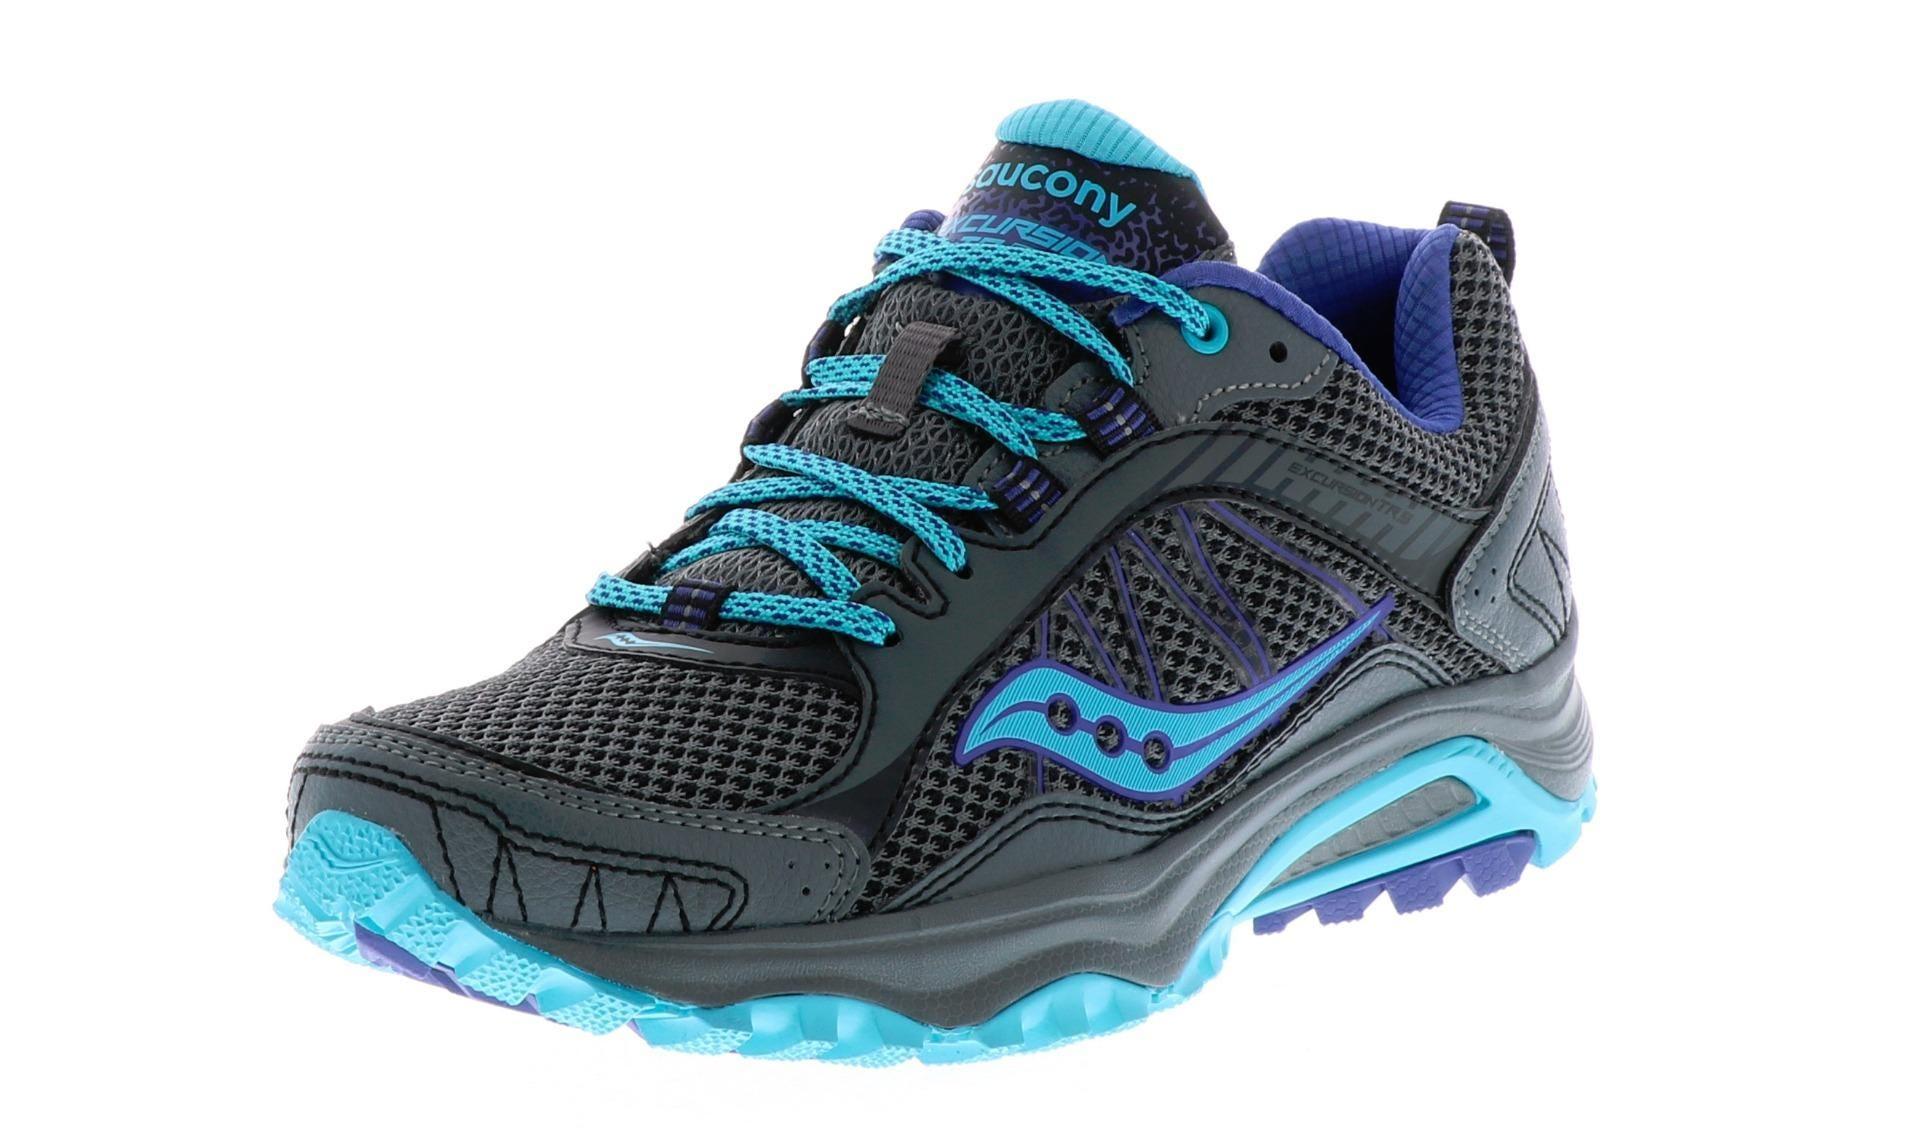 cienie atrakcyjna cena złapać SAUCONY Women's Excursion TR9 Hiking Shoes|Shoe Sensation